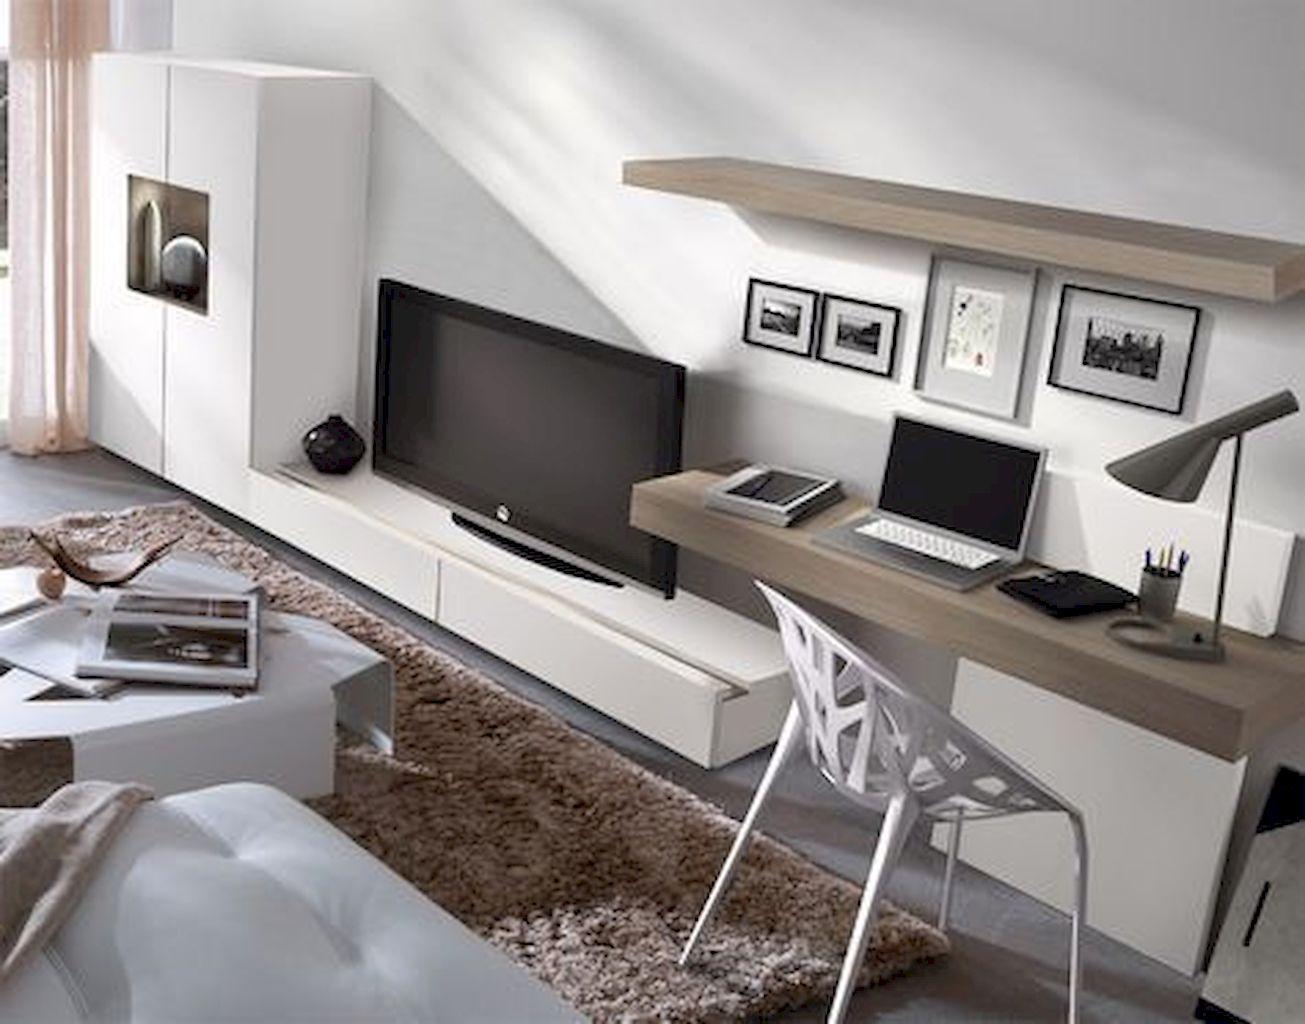 впервые компьютерный стол в гостиной решение фото читатели наверняка начали